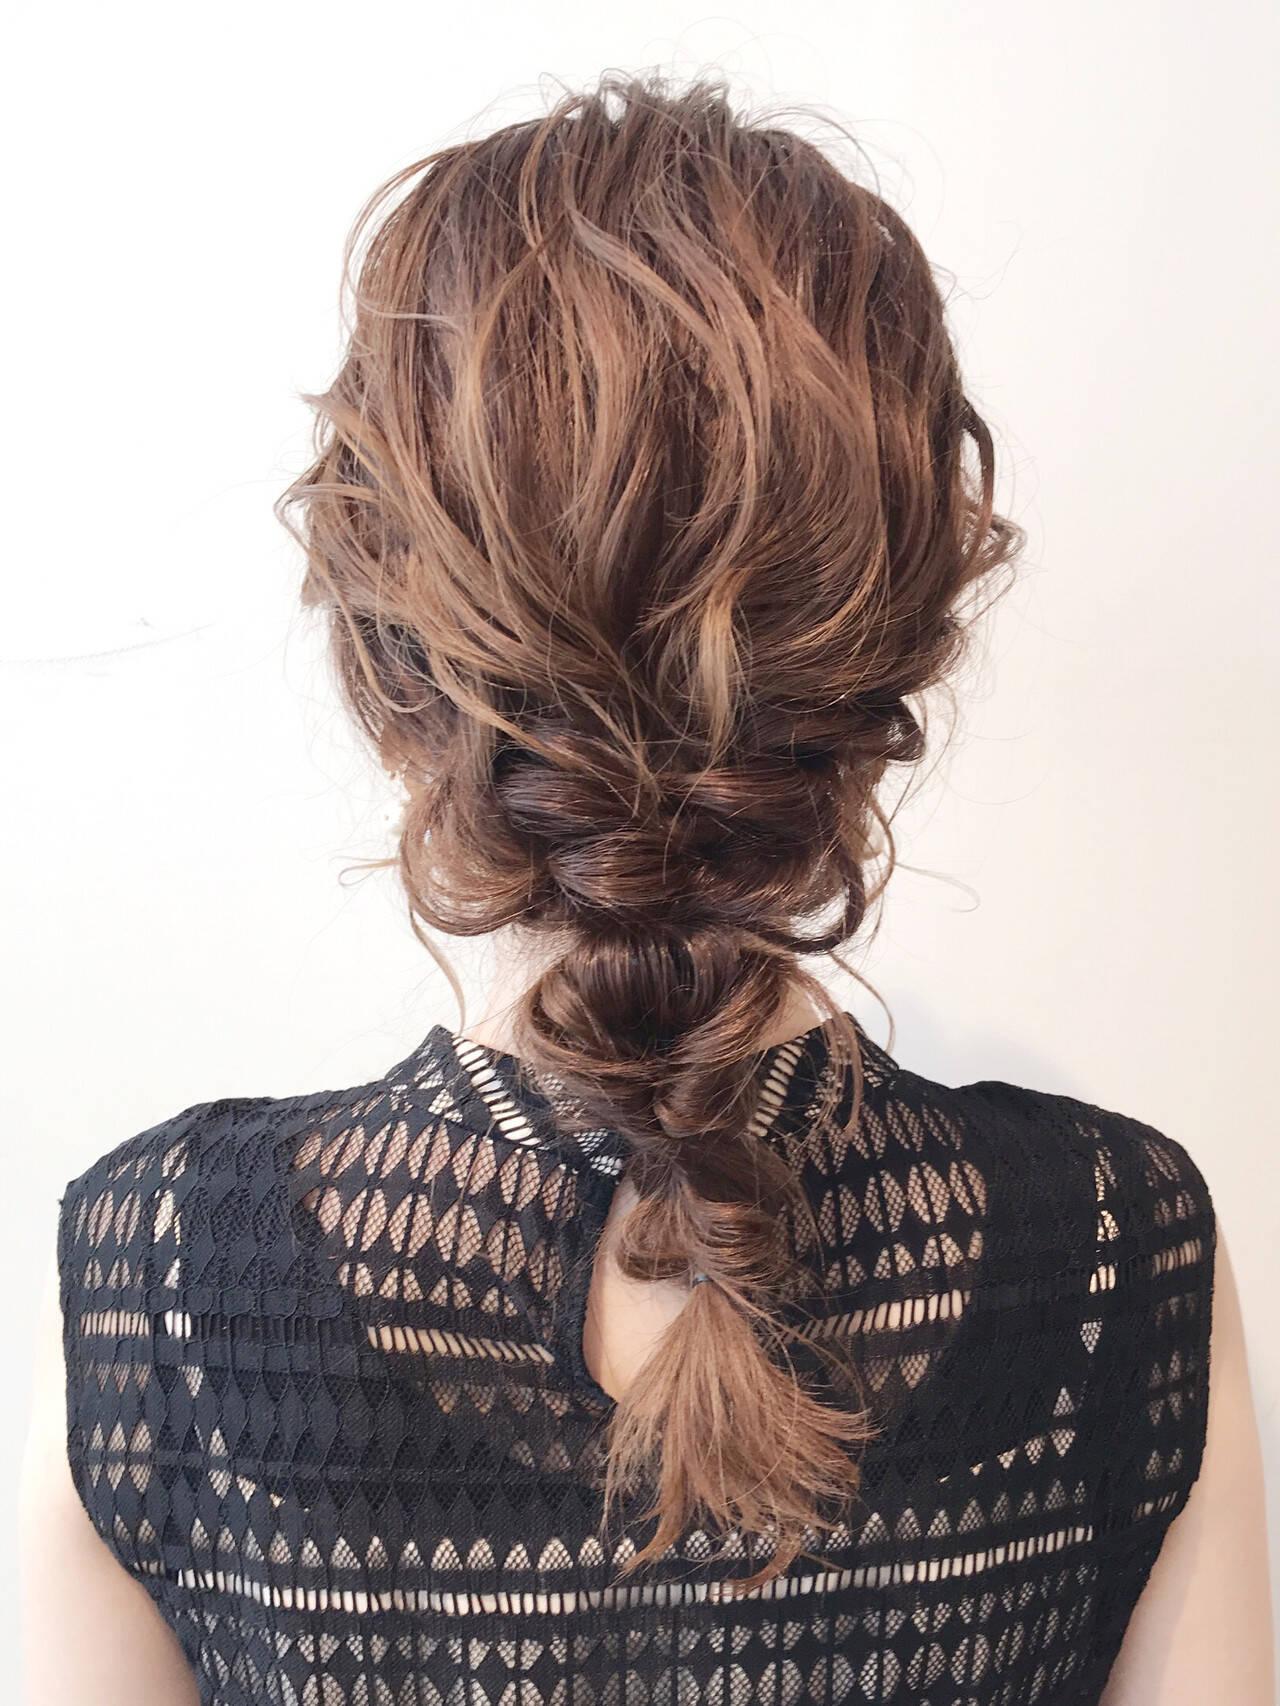 ナチュラル ロング 結婚式ヘアアレンジ 簡単ヘアアレンジヘアスタイルや髪型の写真・画像